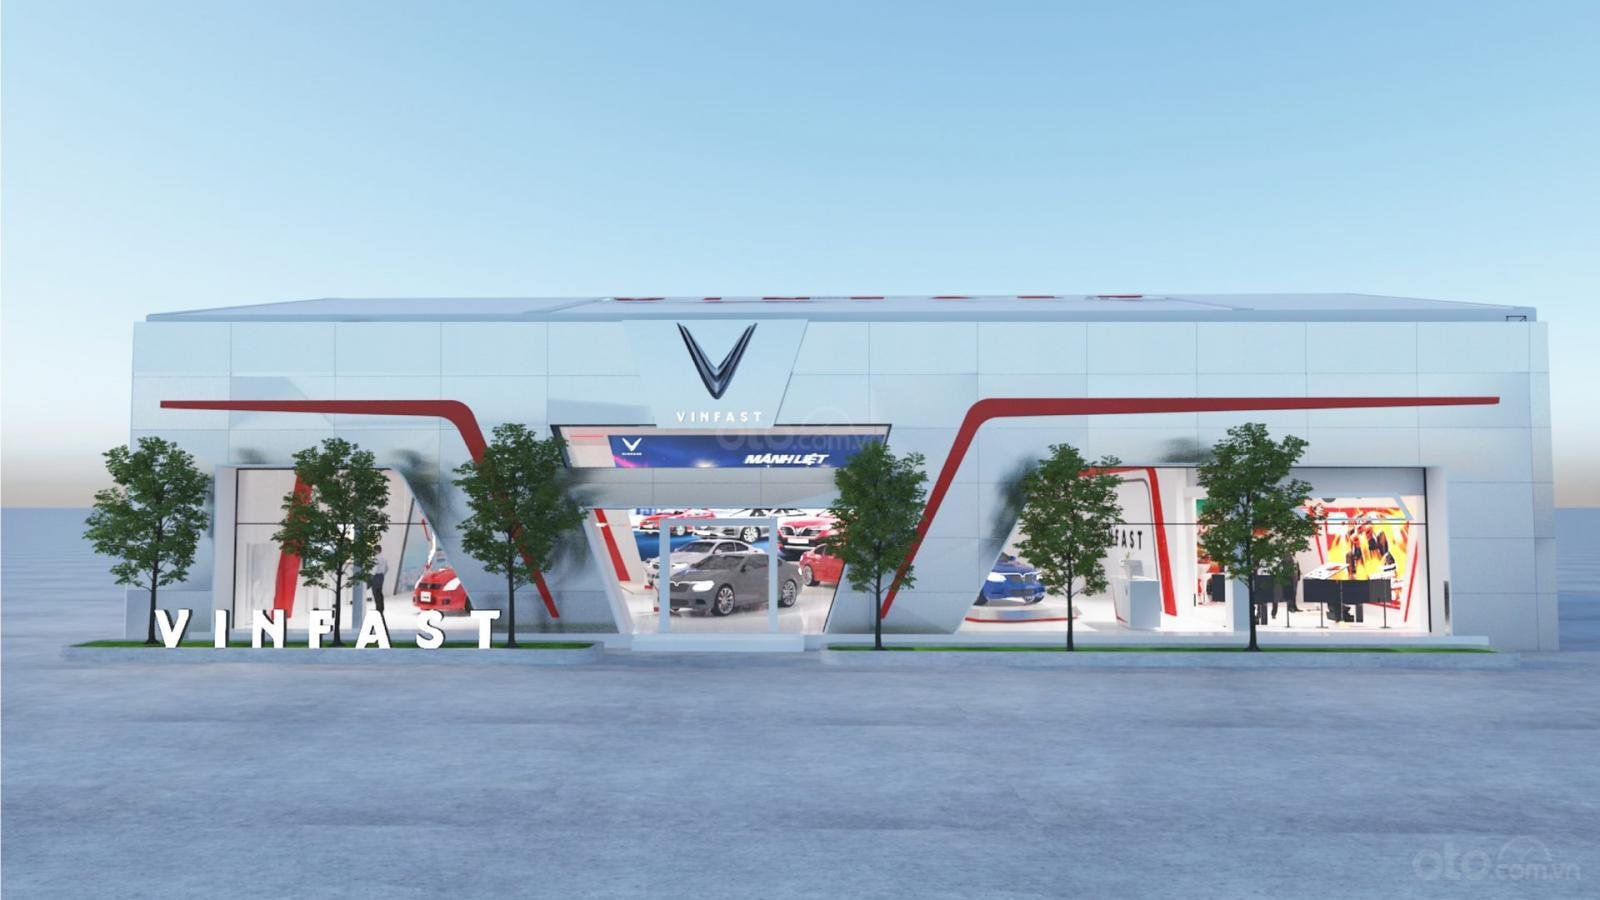 """[VMS 2019] Lần đầu tham dự triển lãm ô tô lớn nhất Việt Nam, VinFast """"tỏa sáng"""" theo cách nào? a2"""